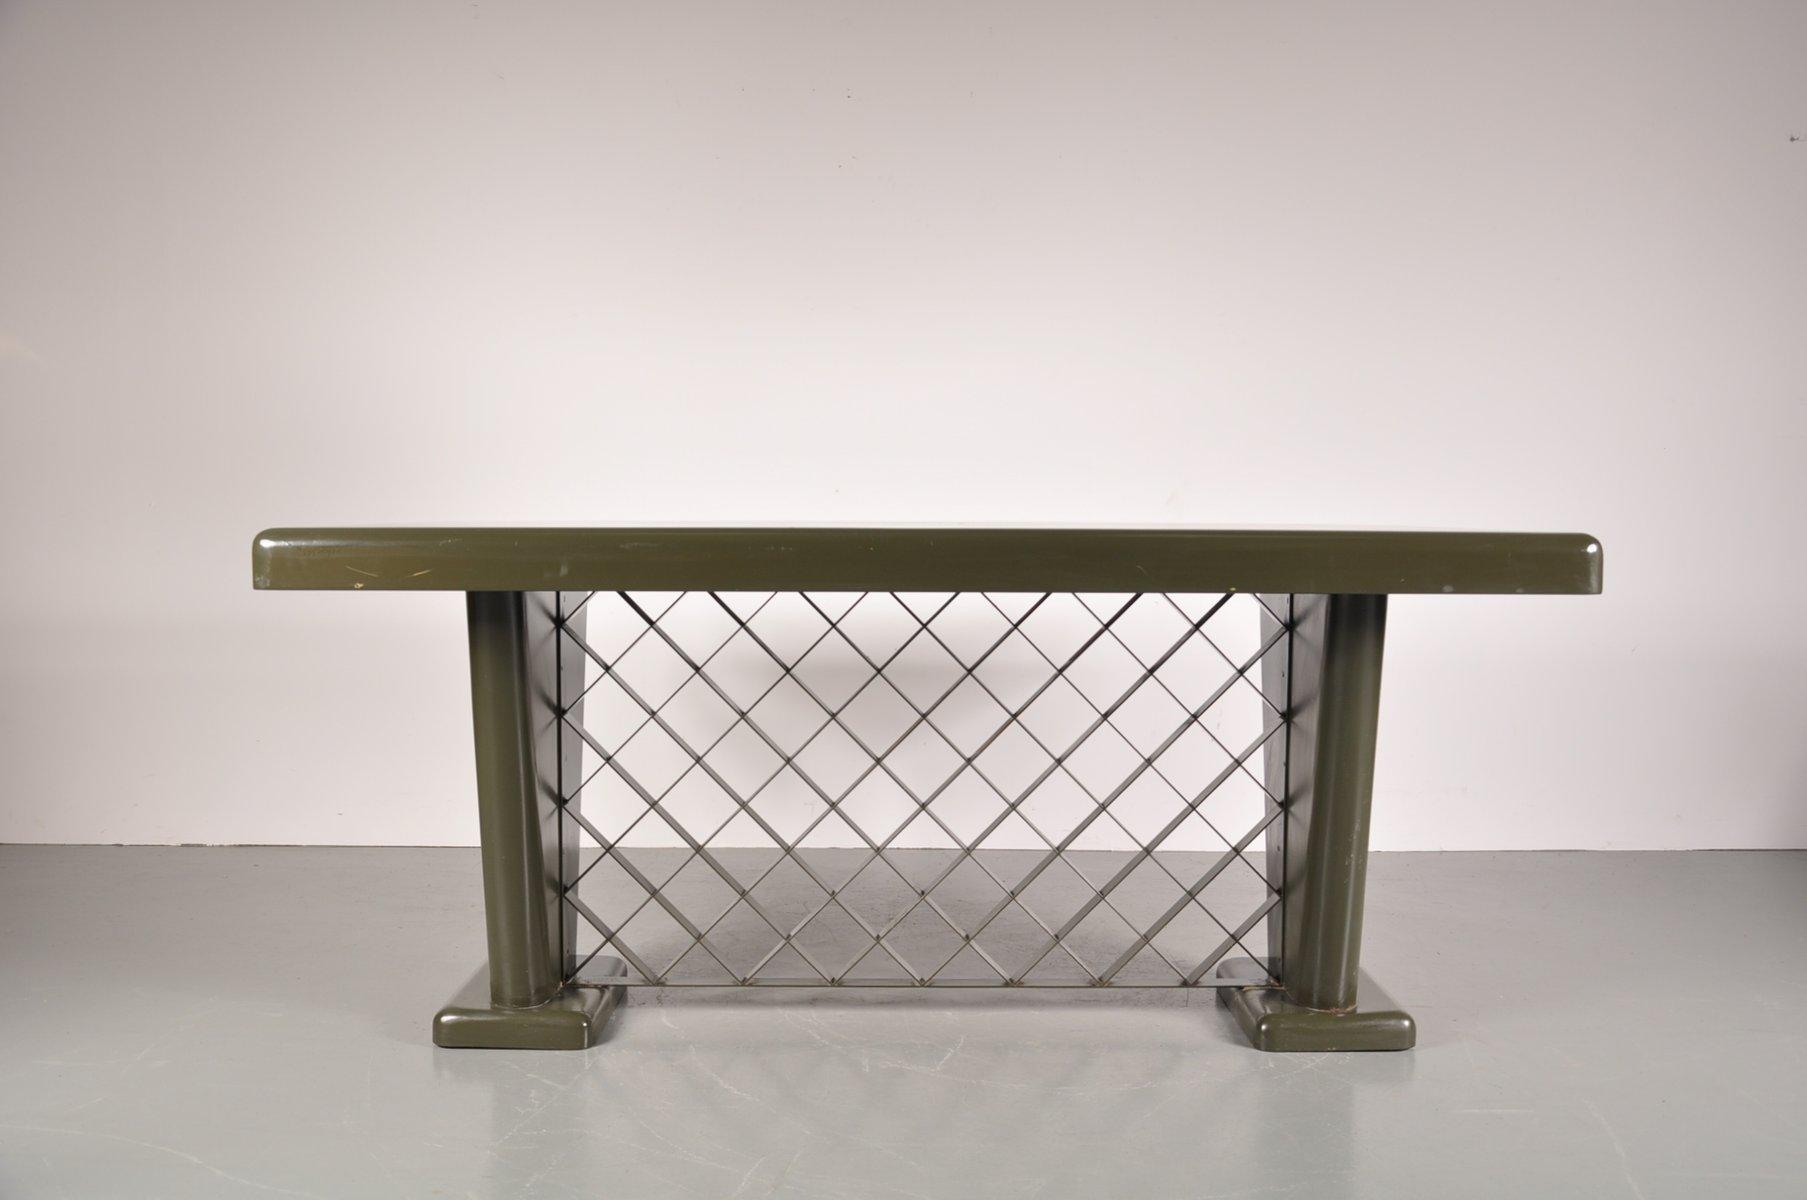 Deutscher art deco metall tisch 1930er bei pamono kaufen for Metall tisch